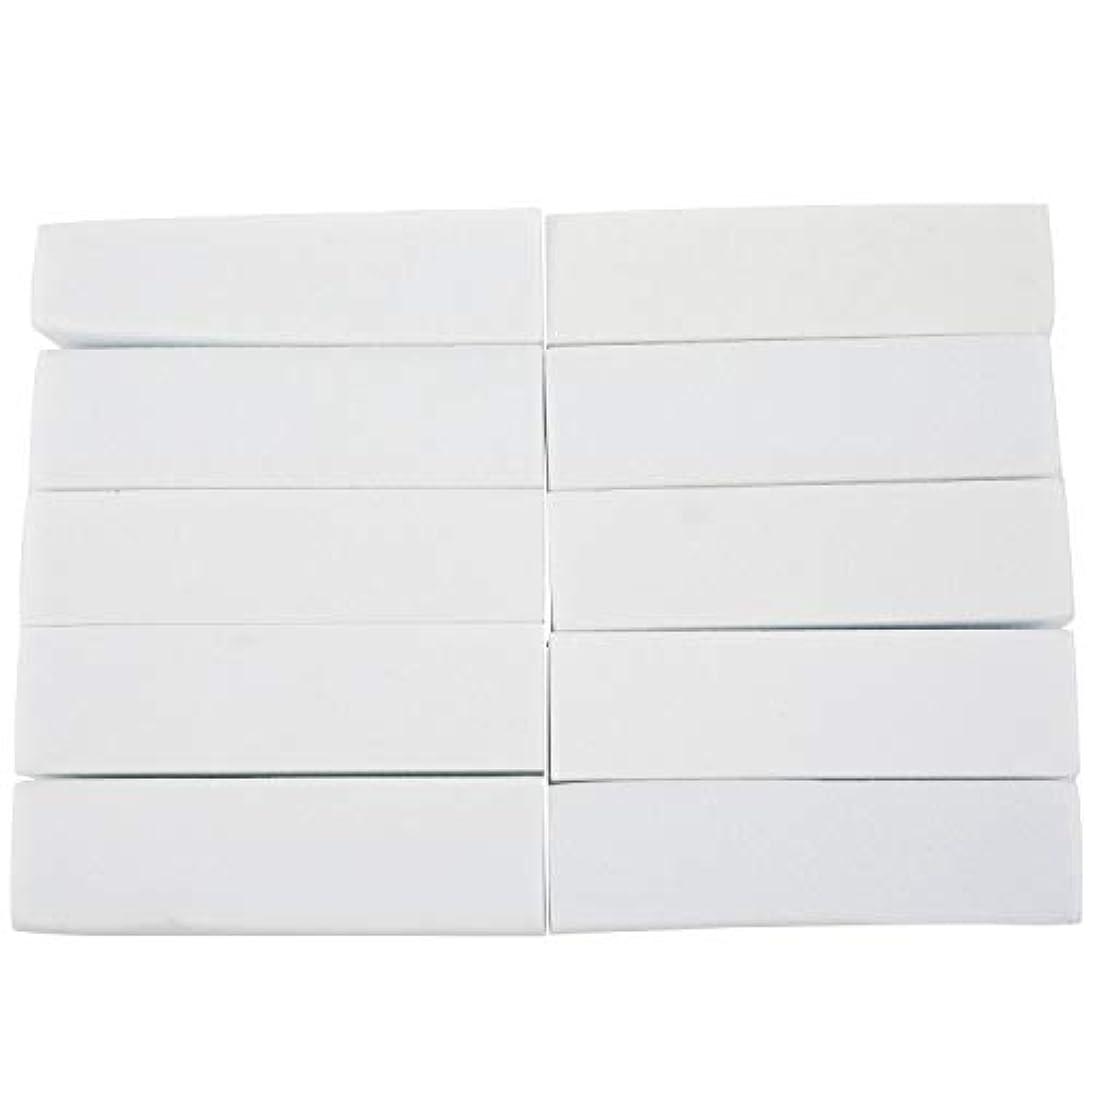 狭い公然と集まるNrpfell 10x白いのアクリルネイルアートのバフ研磨のツール、マニキュアツール